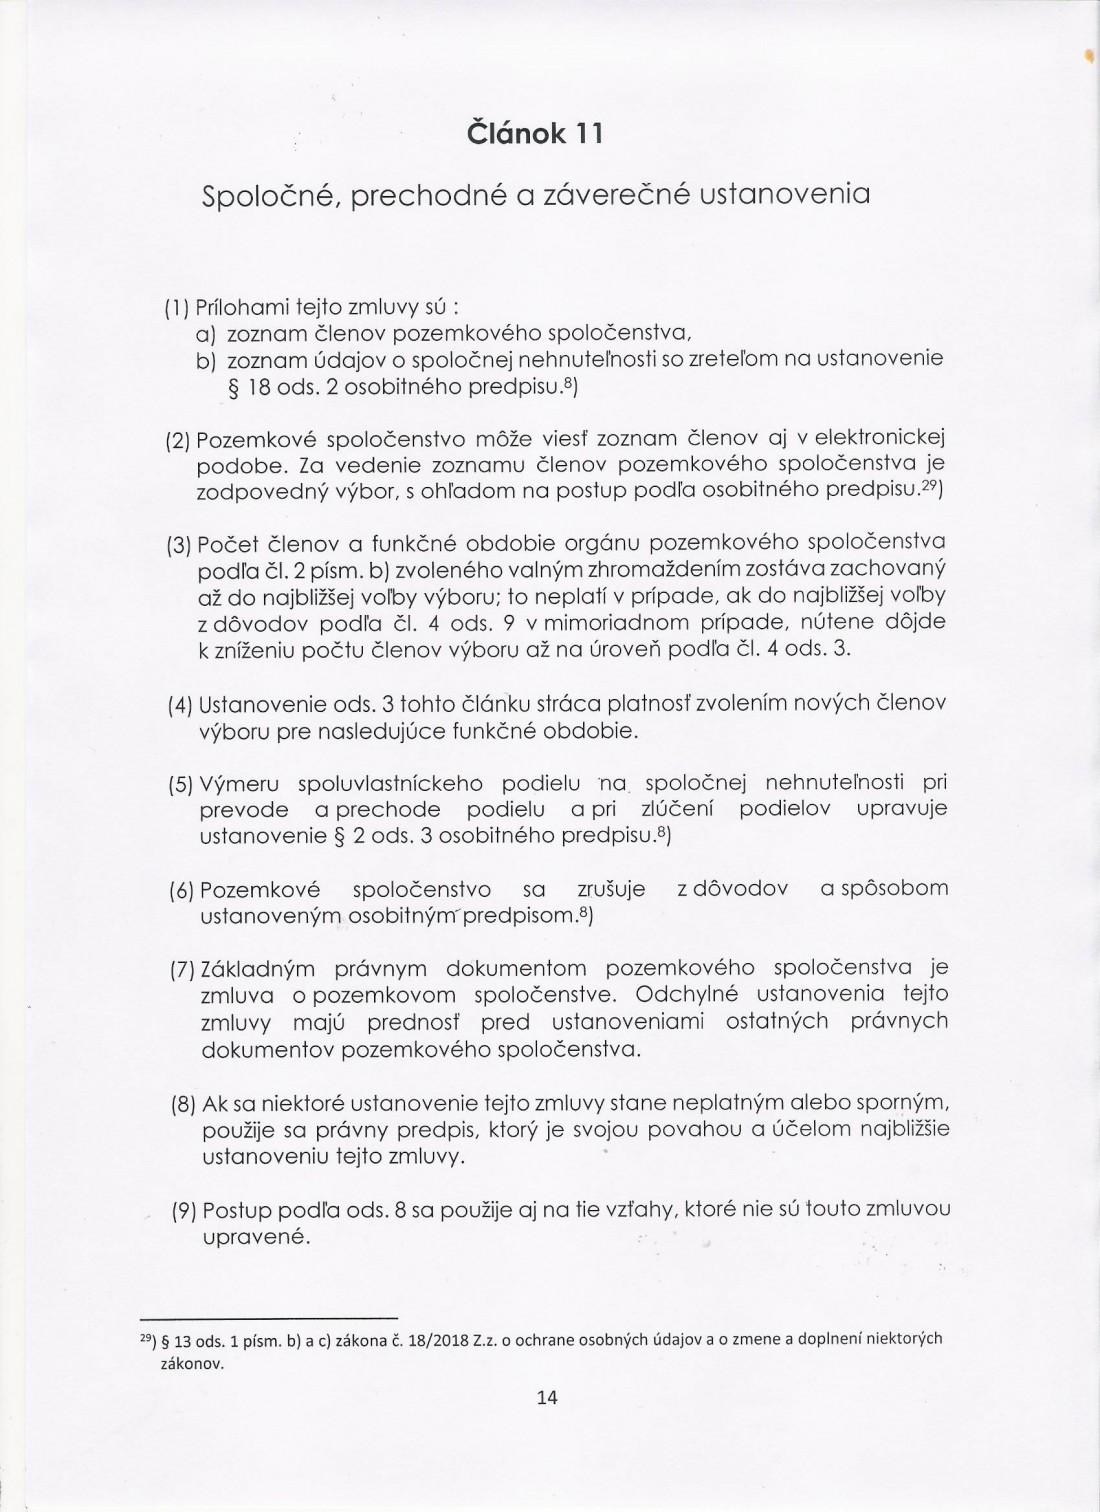 Zmluva o PS zo dňa 4.5.2019 - strana č. 14